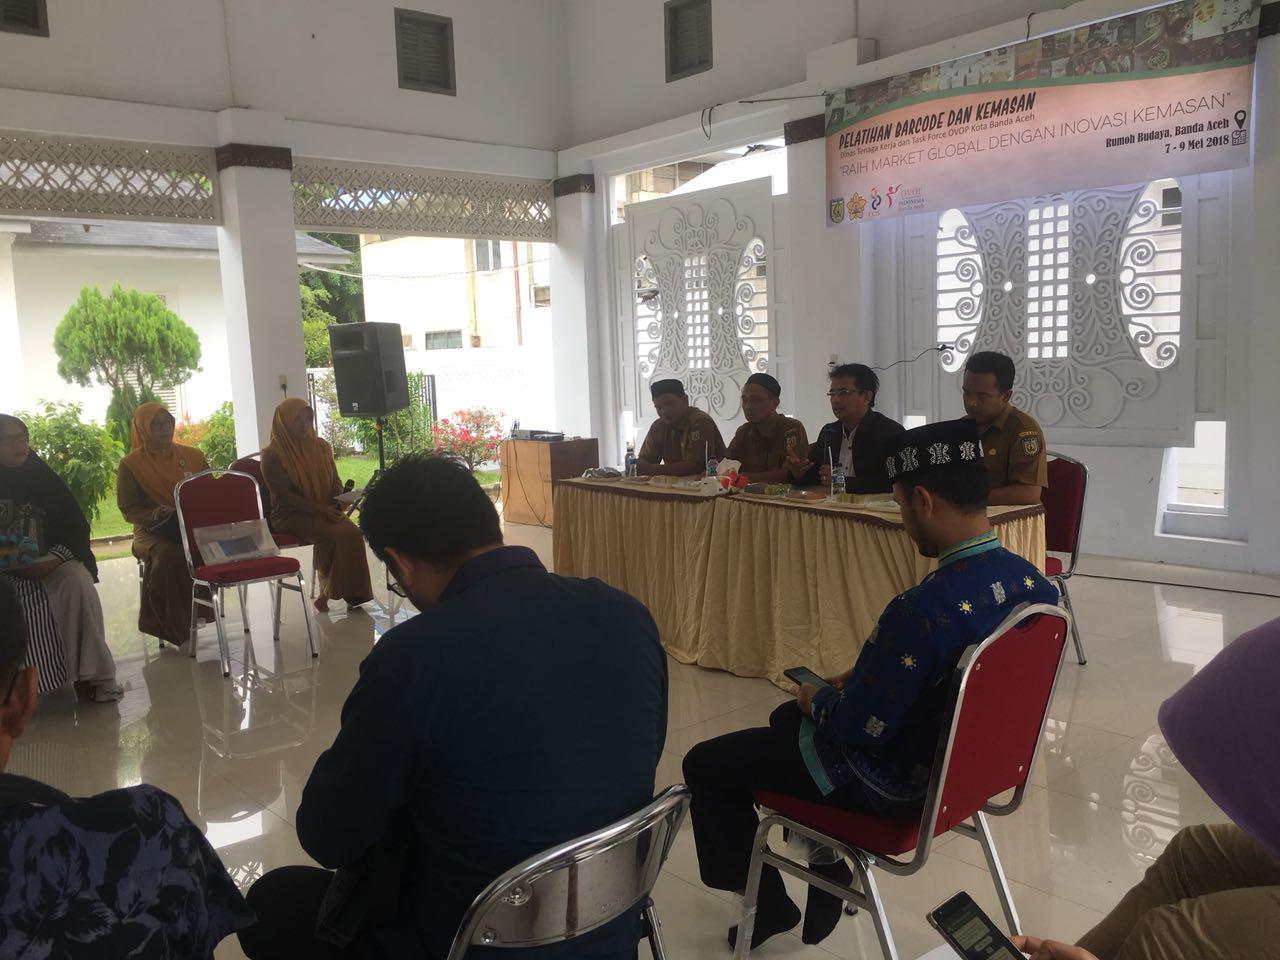 Pembukaan acara pelatihan barcode dan pengemasan di rumoh budaya Kota Banda Aceh